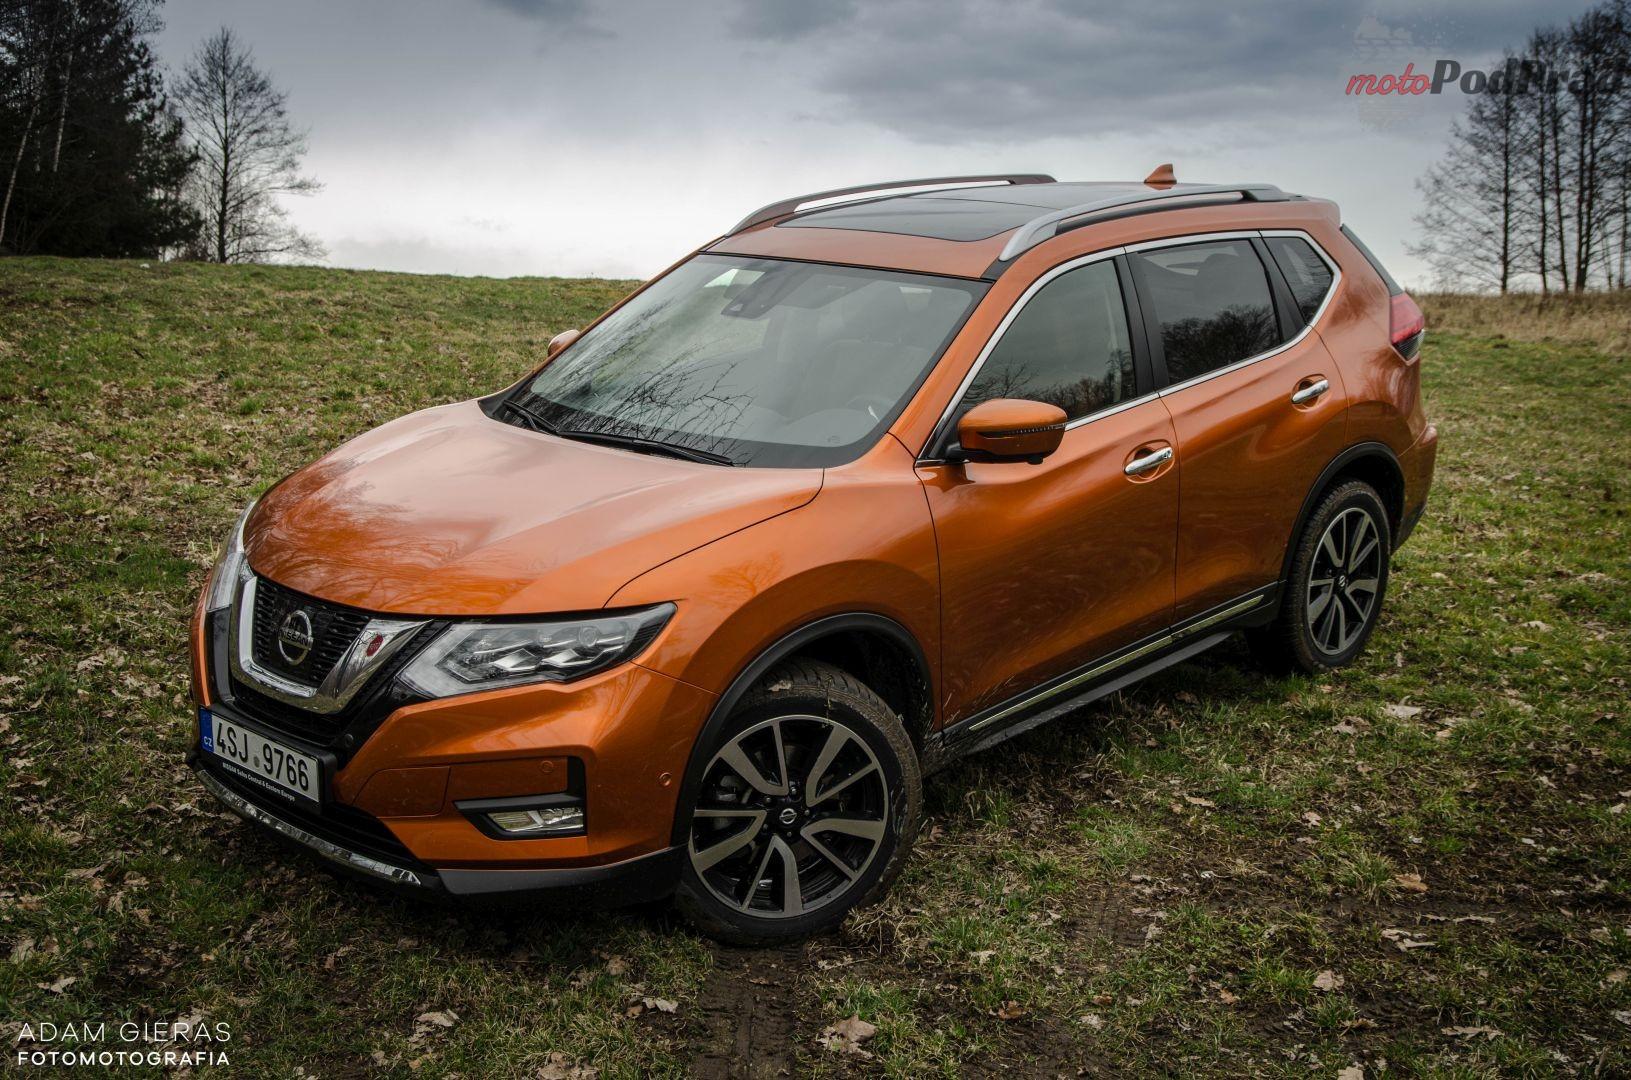 xtrail 4 Test: Nissan X trail 2.0 dCi 177 KM Tekna   jeżeli SUV, to taki